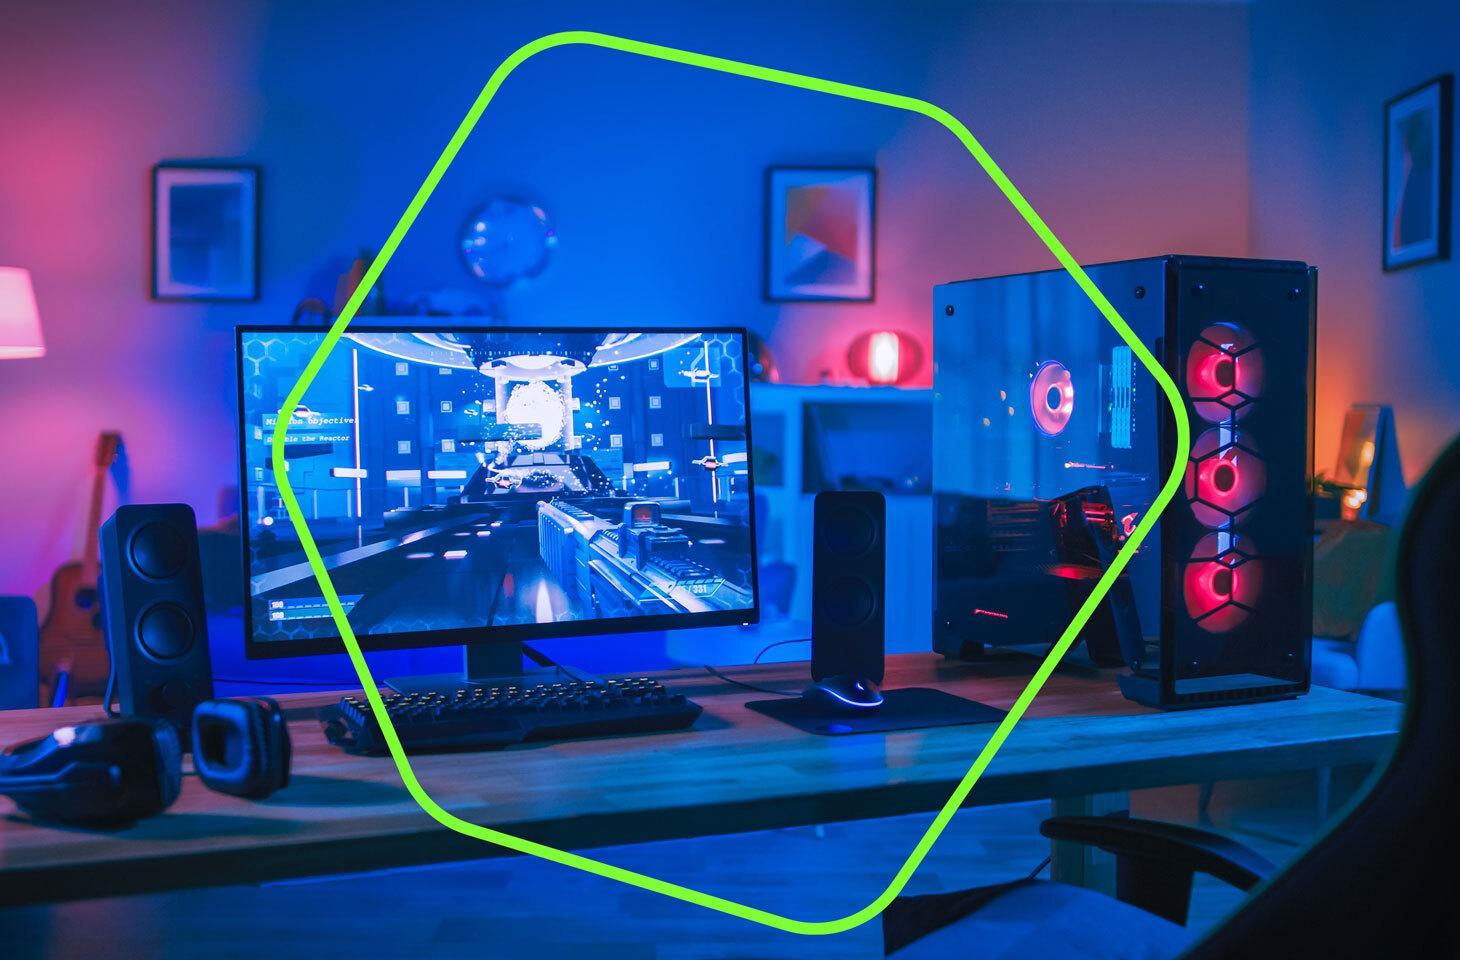 Amateurs de jeux vidéo arnaqués : témoignages | Blog officiel de Kaspersky